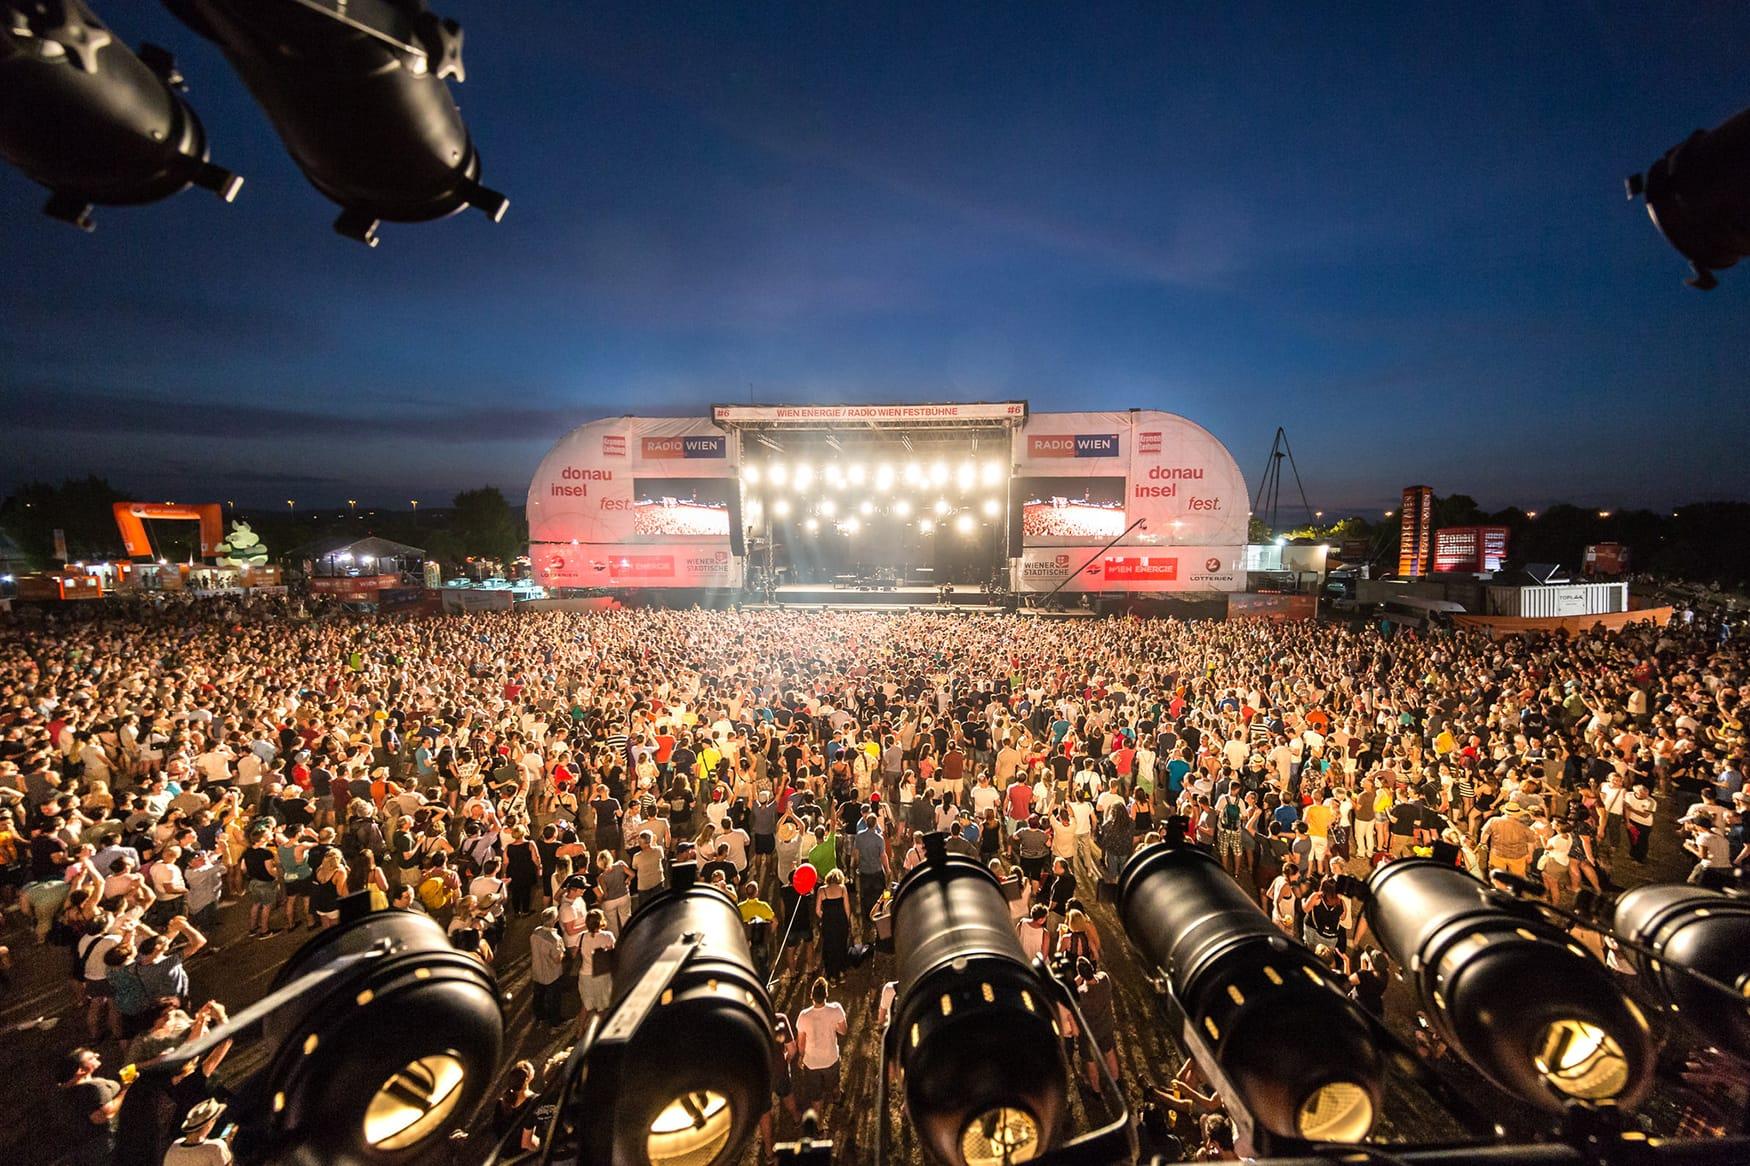 Menschenmenge vor Bühne auf Donauinselfest in Wien